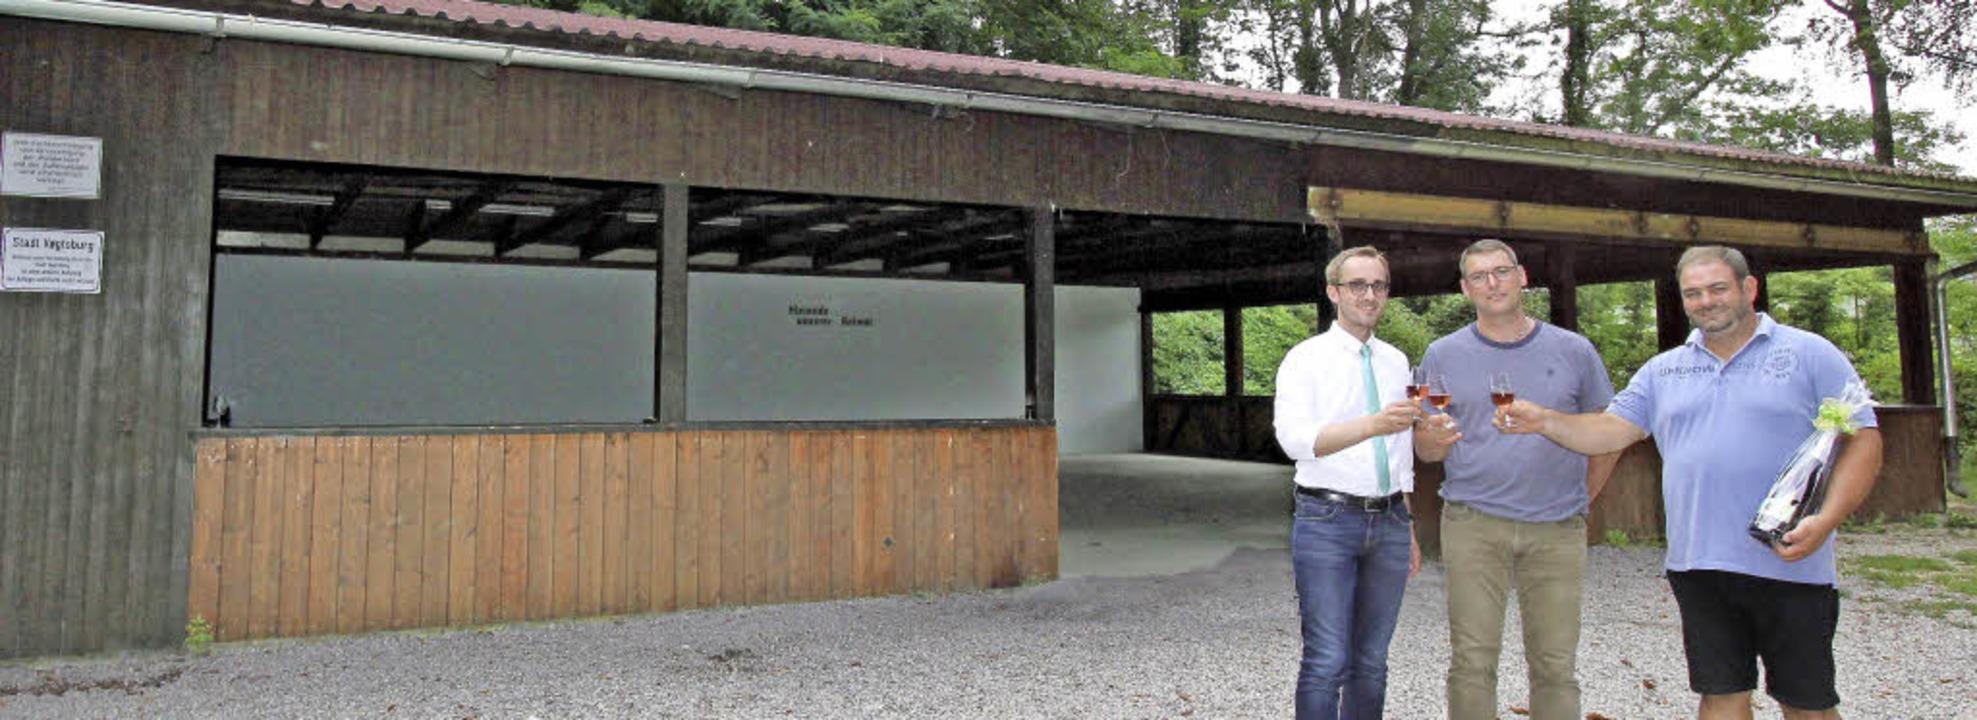 Bürgermeister Benjamin Bohn (links) un...enlose Sanierung der Castellberghütte.  | Foto: Herbert Trogus